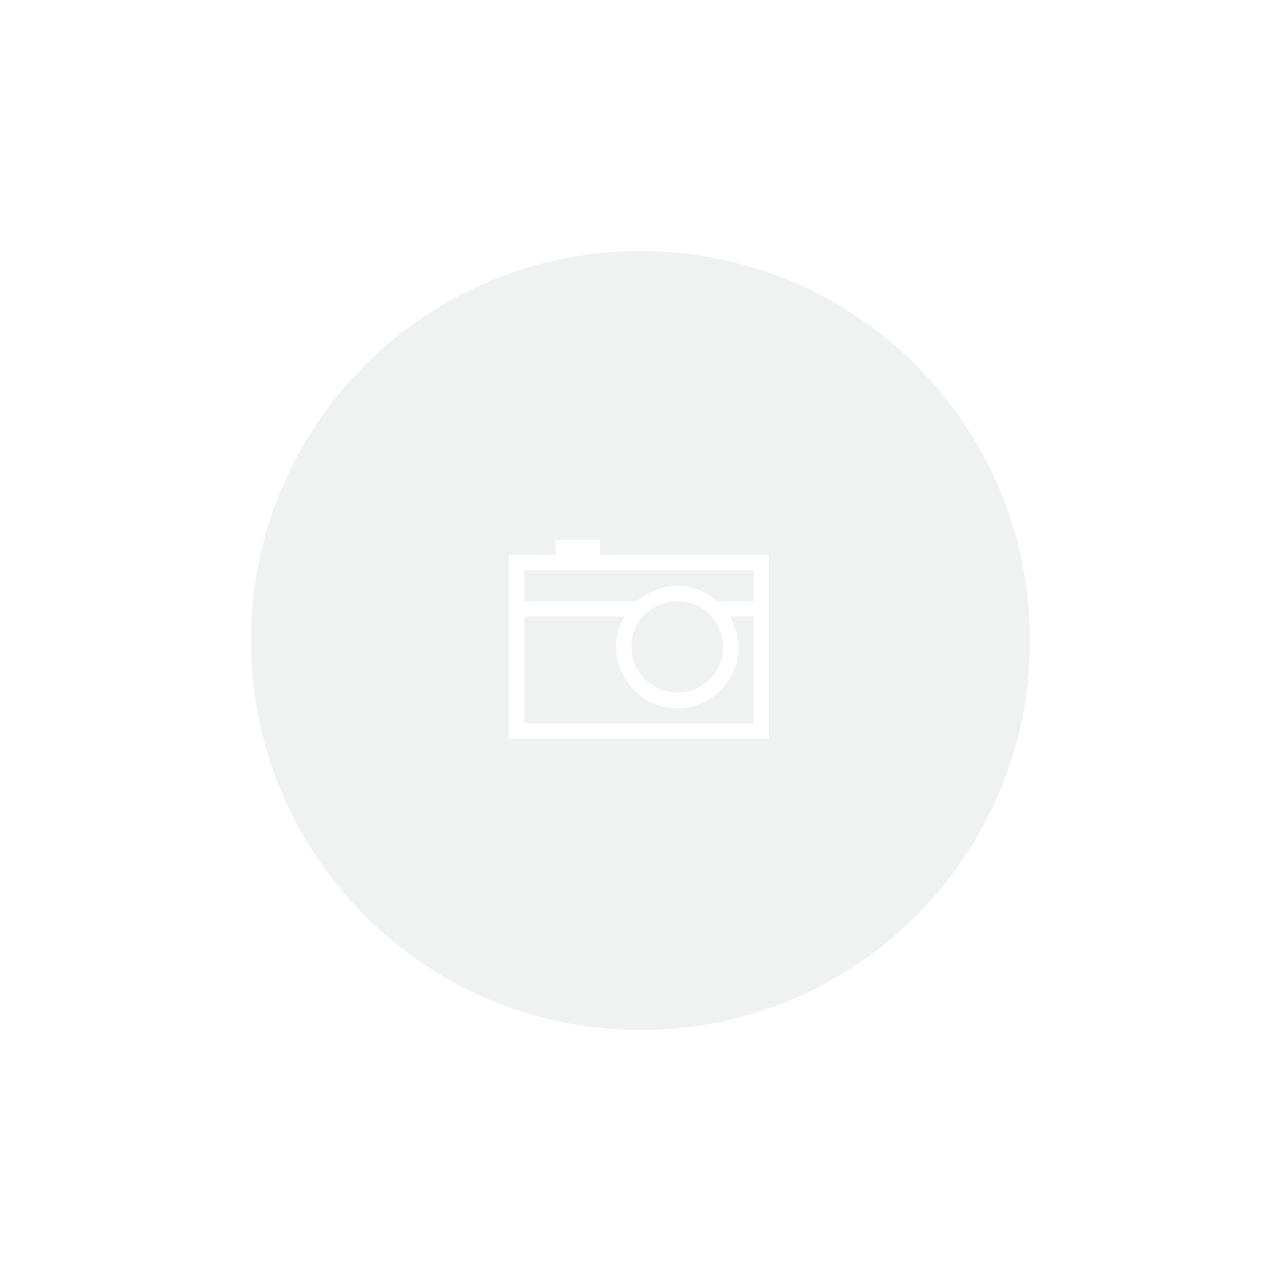 Máquina de Tosa A6 Comfort + Jogo de Adaptador 7